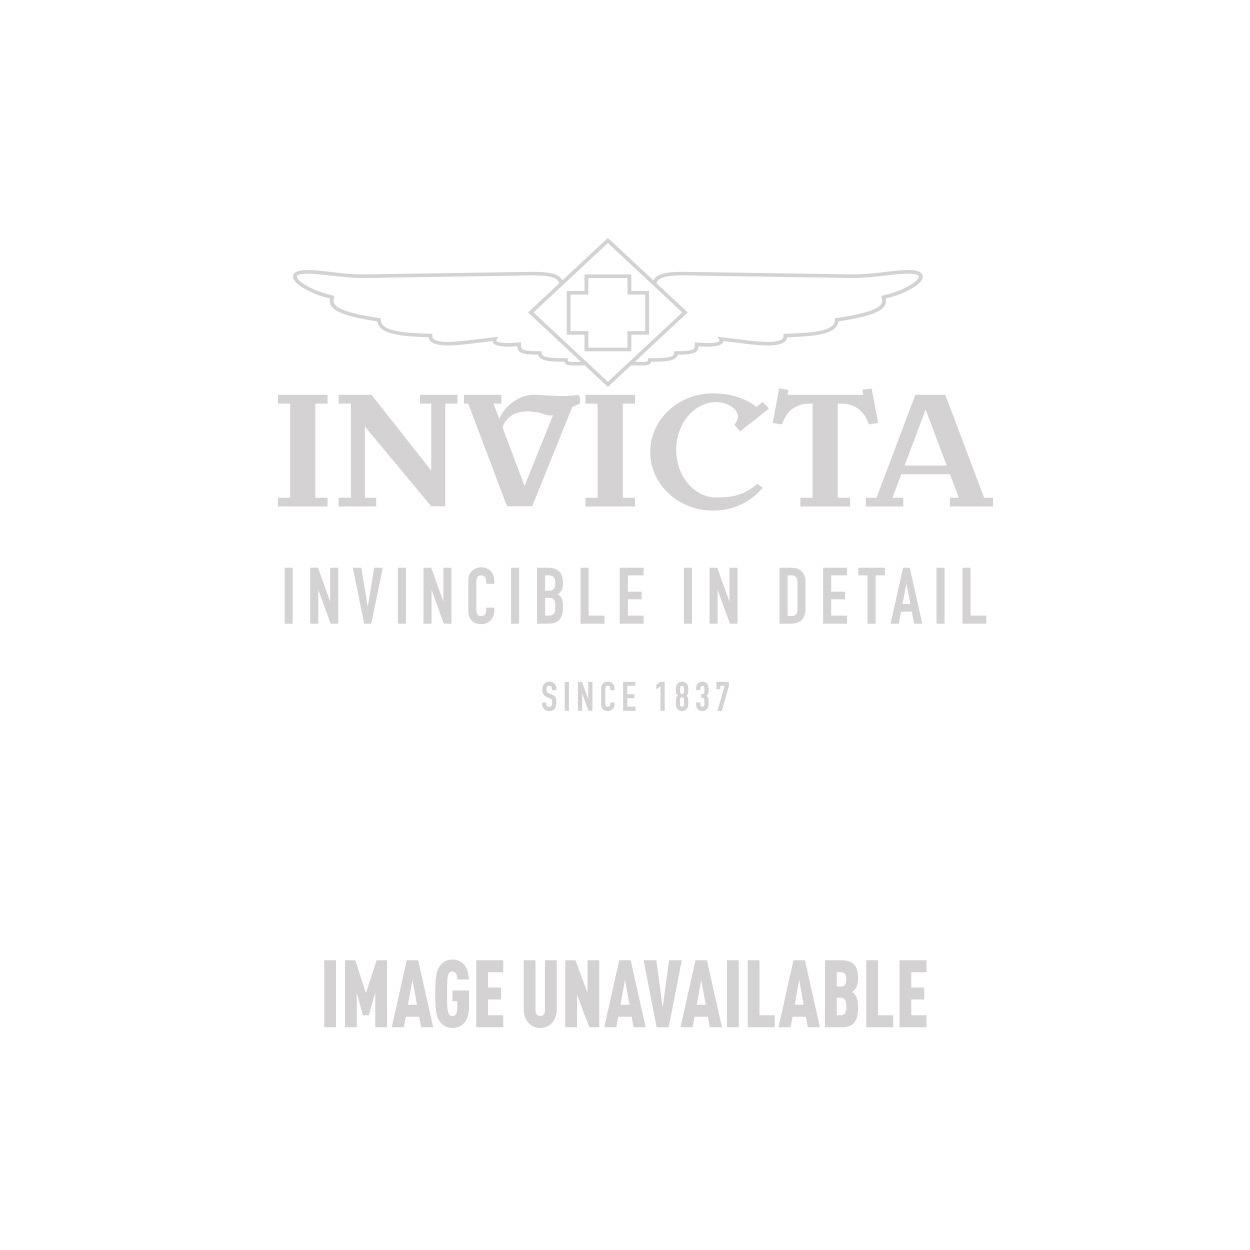 Invicta Model 27324